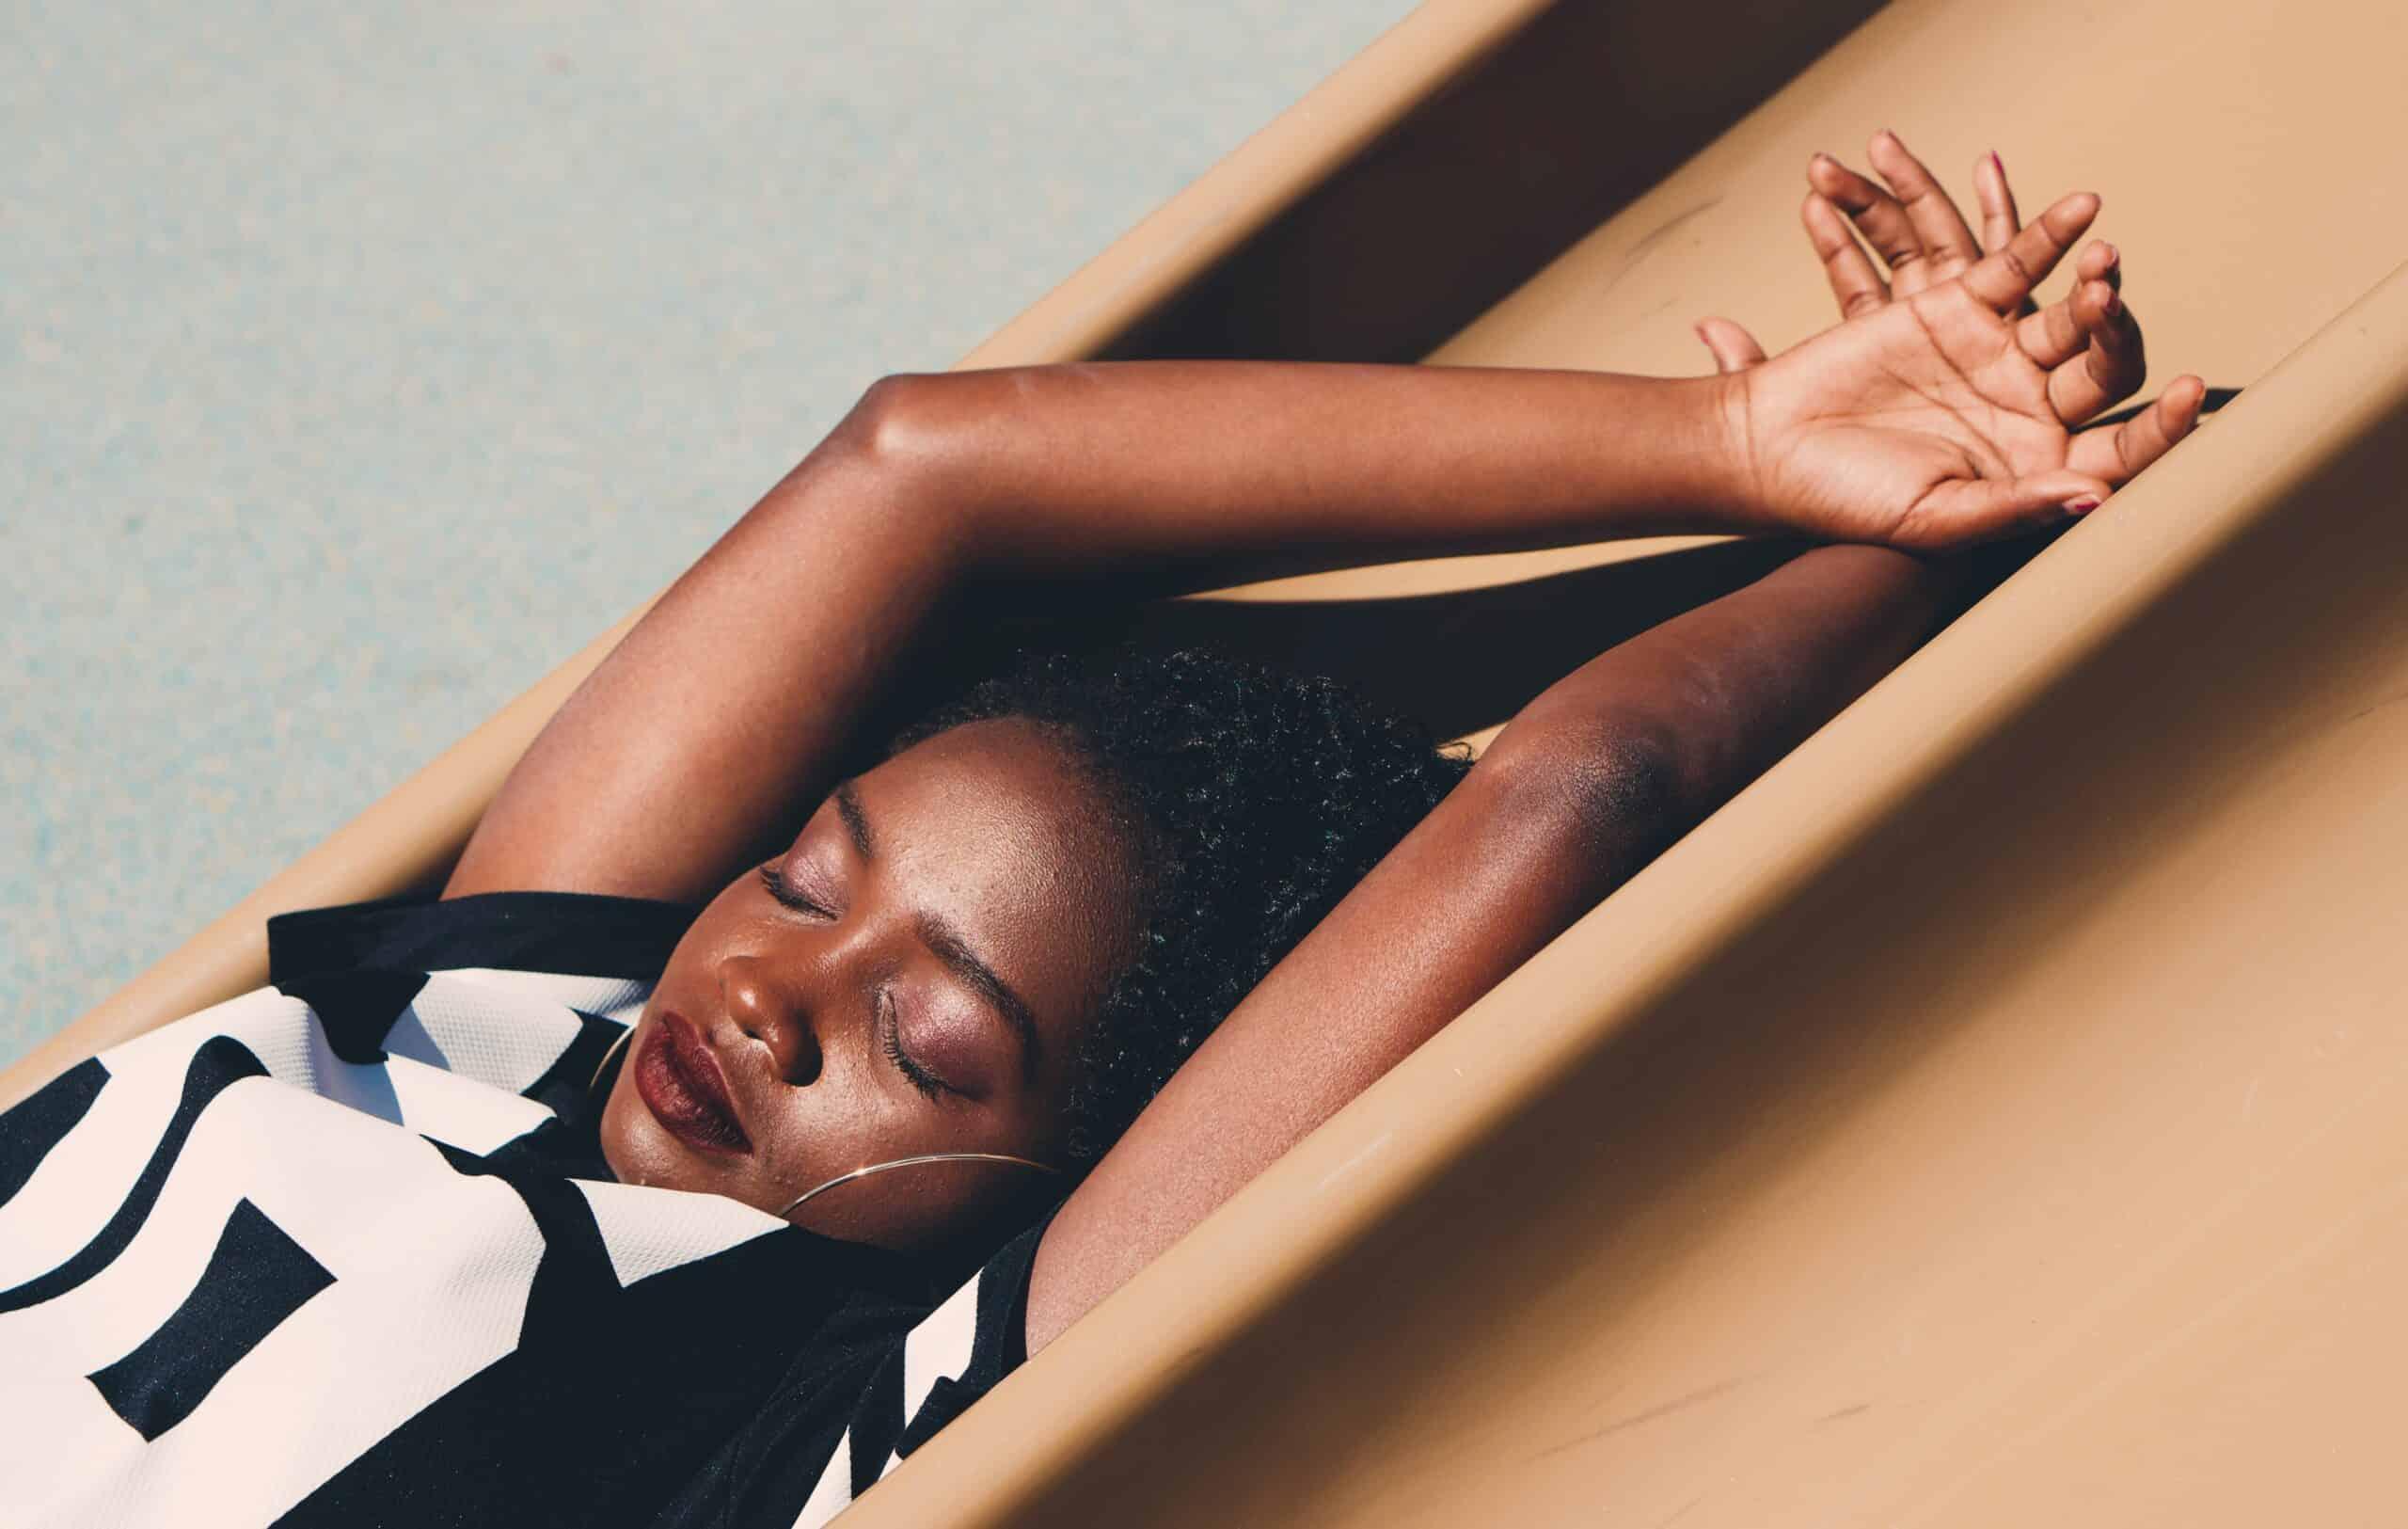 Des cours de sieste en salle de fitness pour apprendre à se reposer